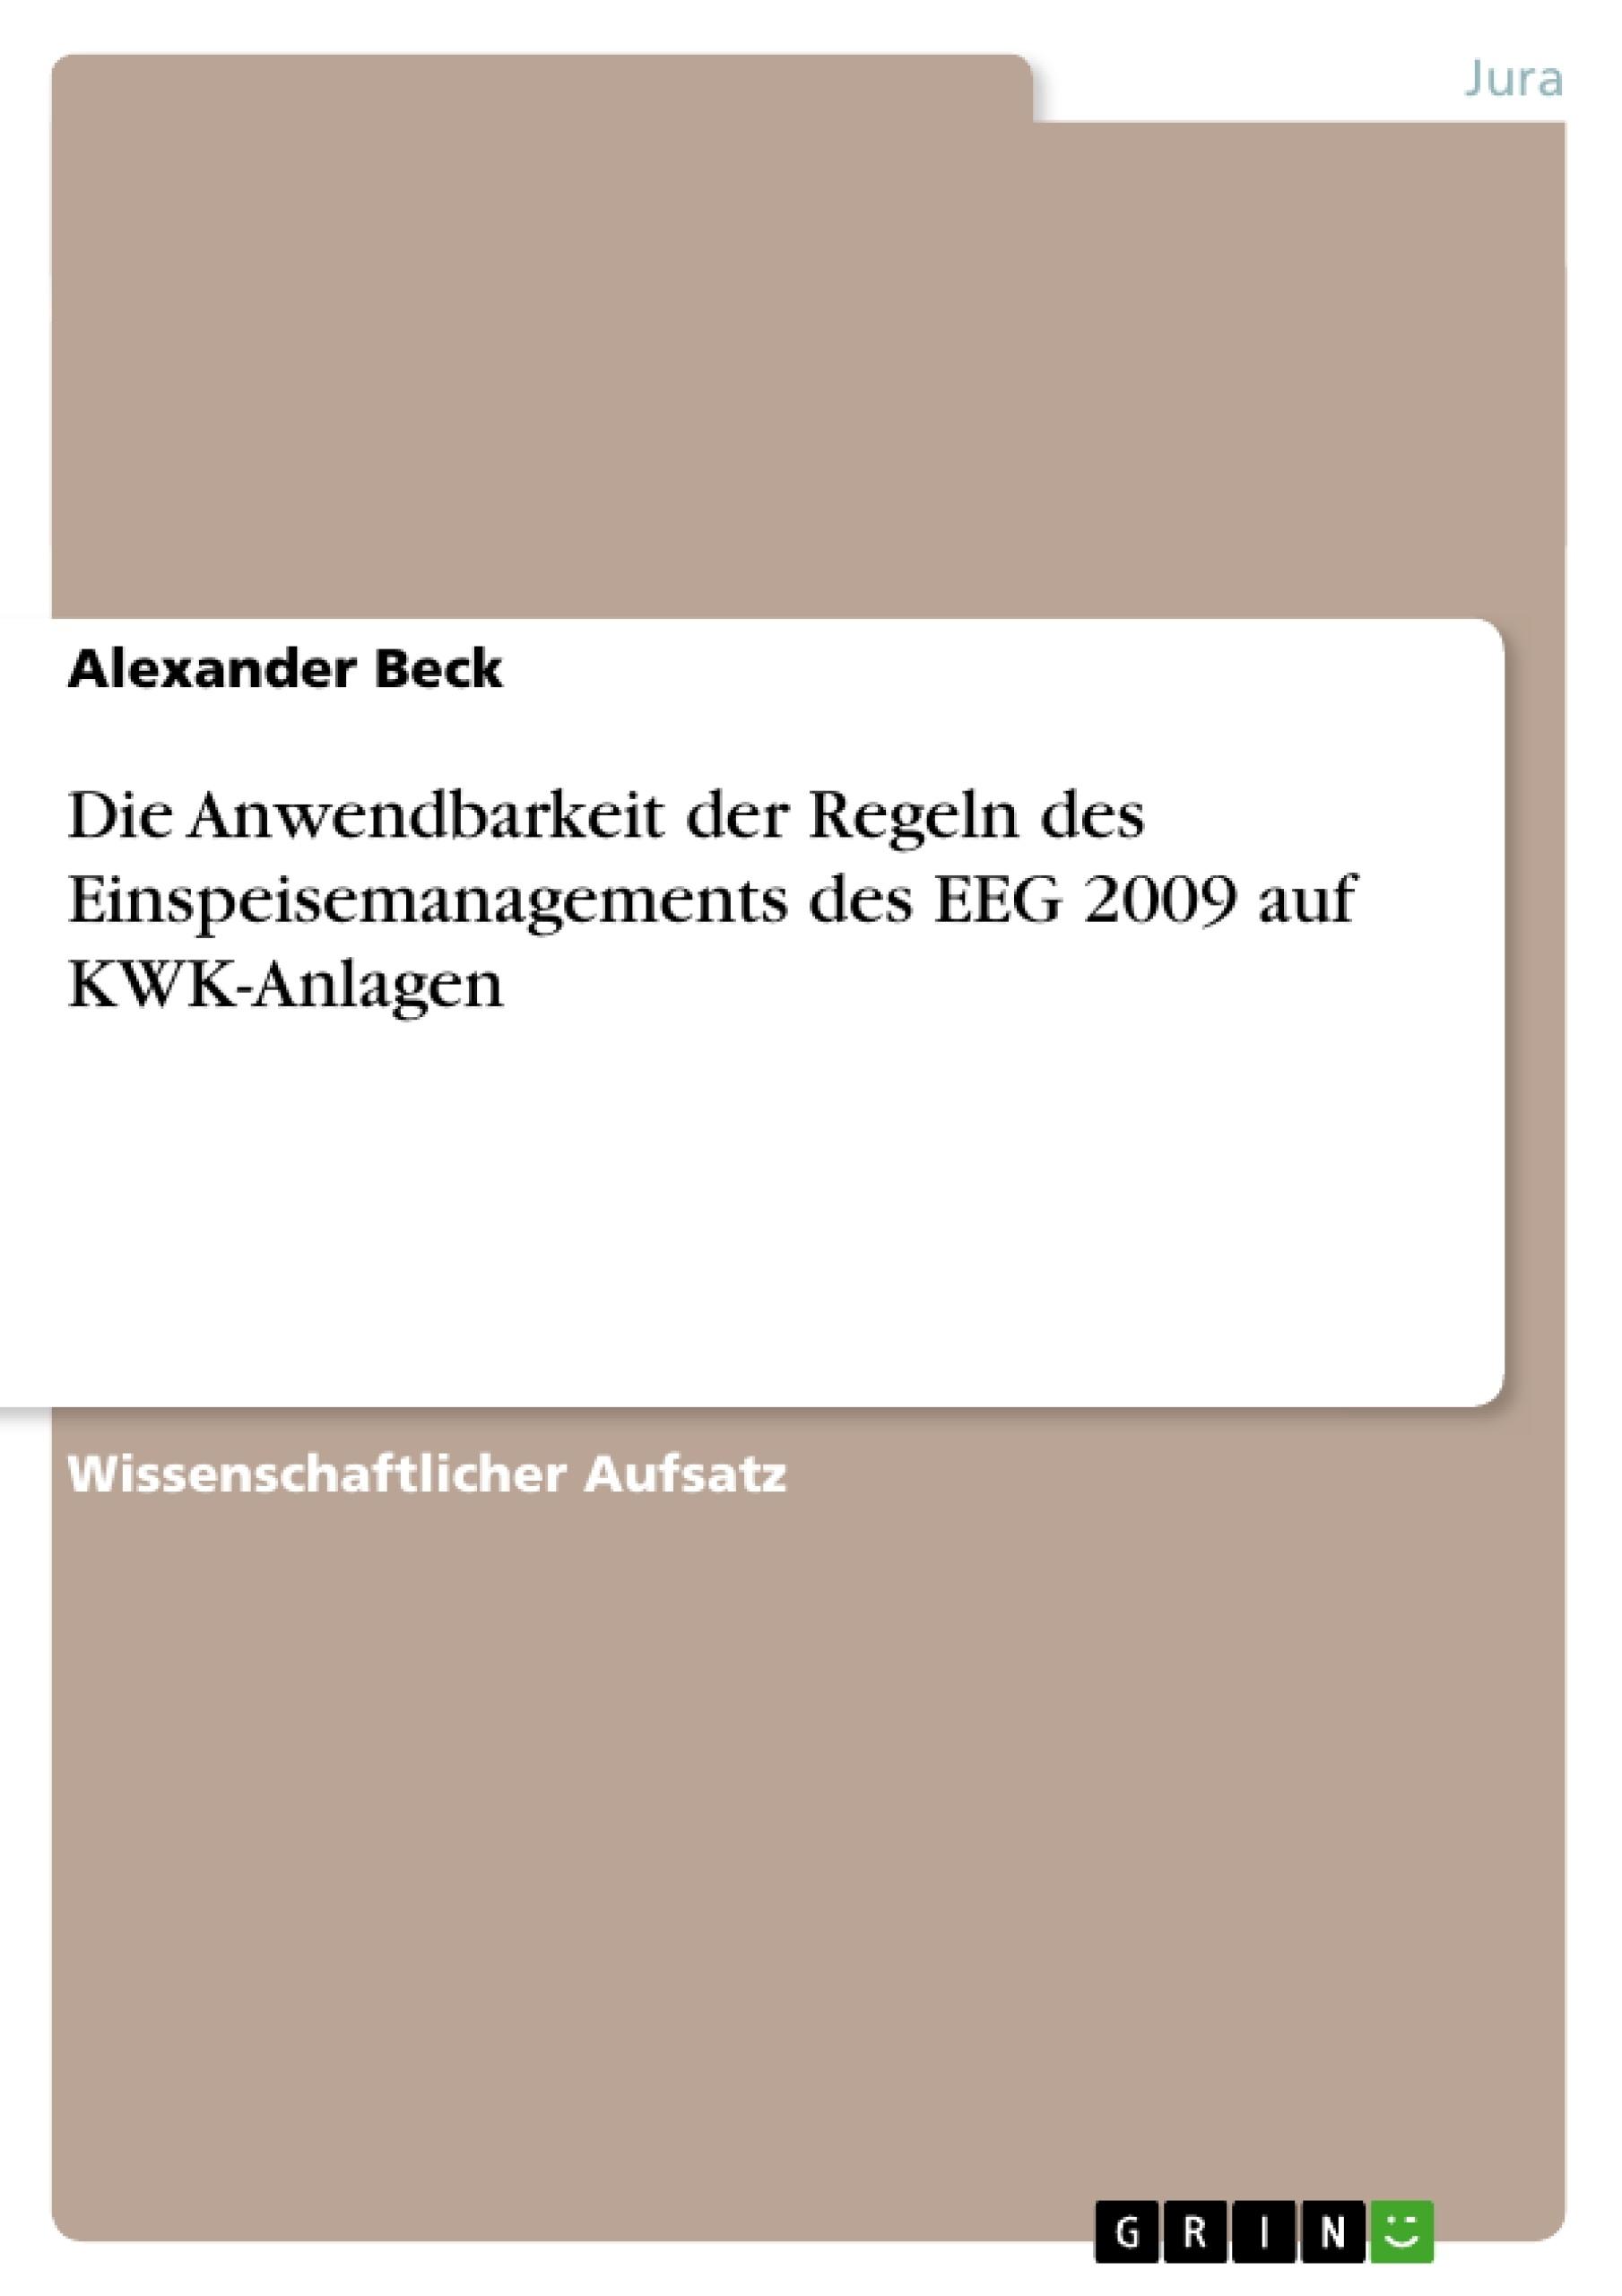 Titel: Die Anwendbarkeit der Regeln des Einspeisemanagements des EEG 2009 auf KWK-Anlagen